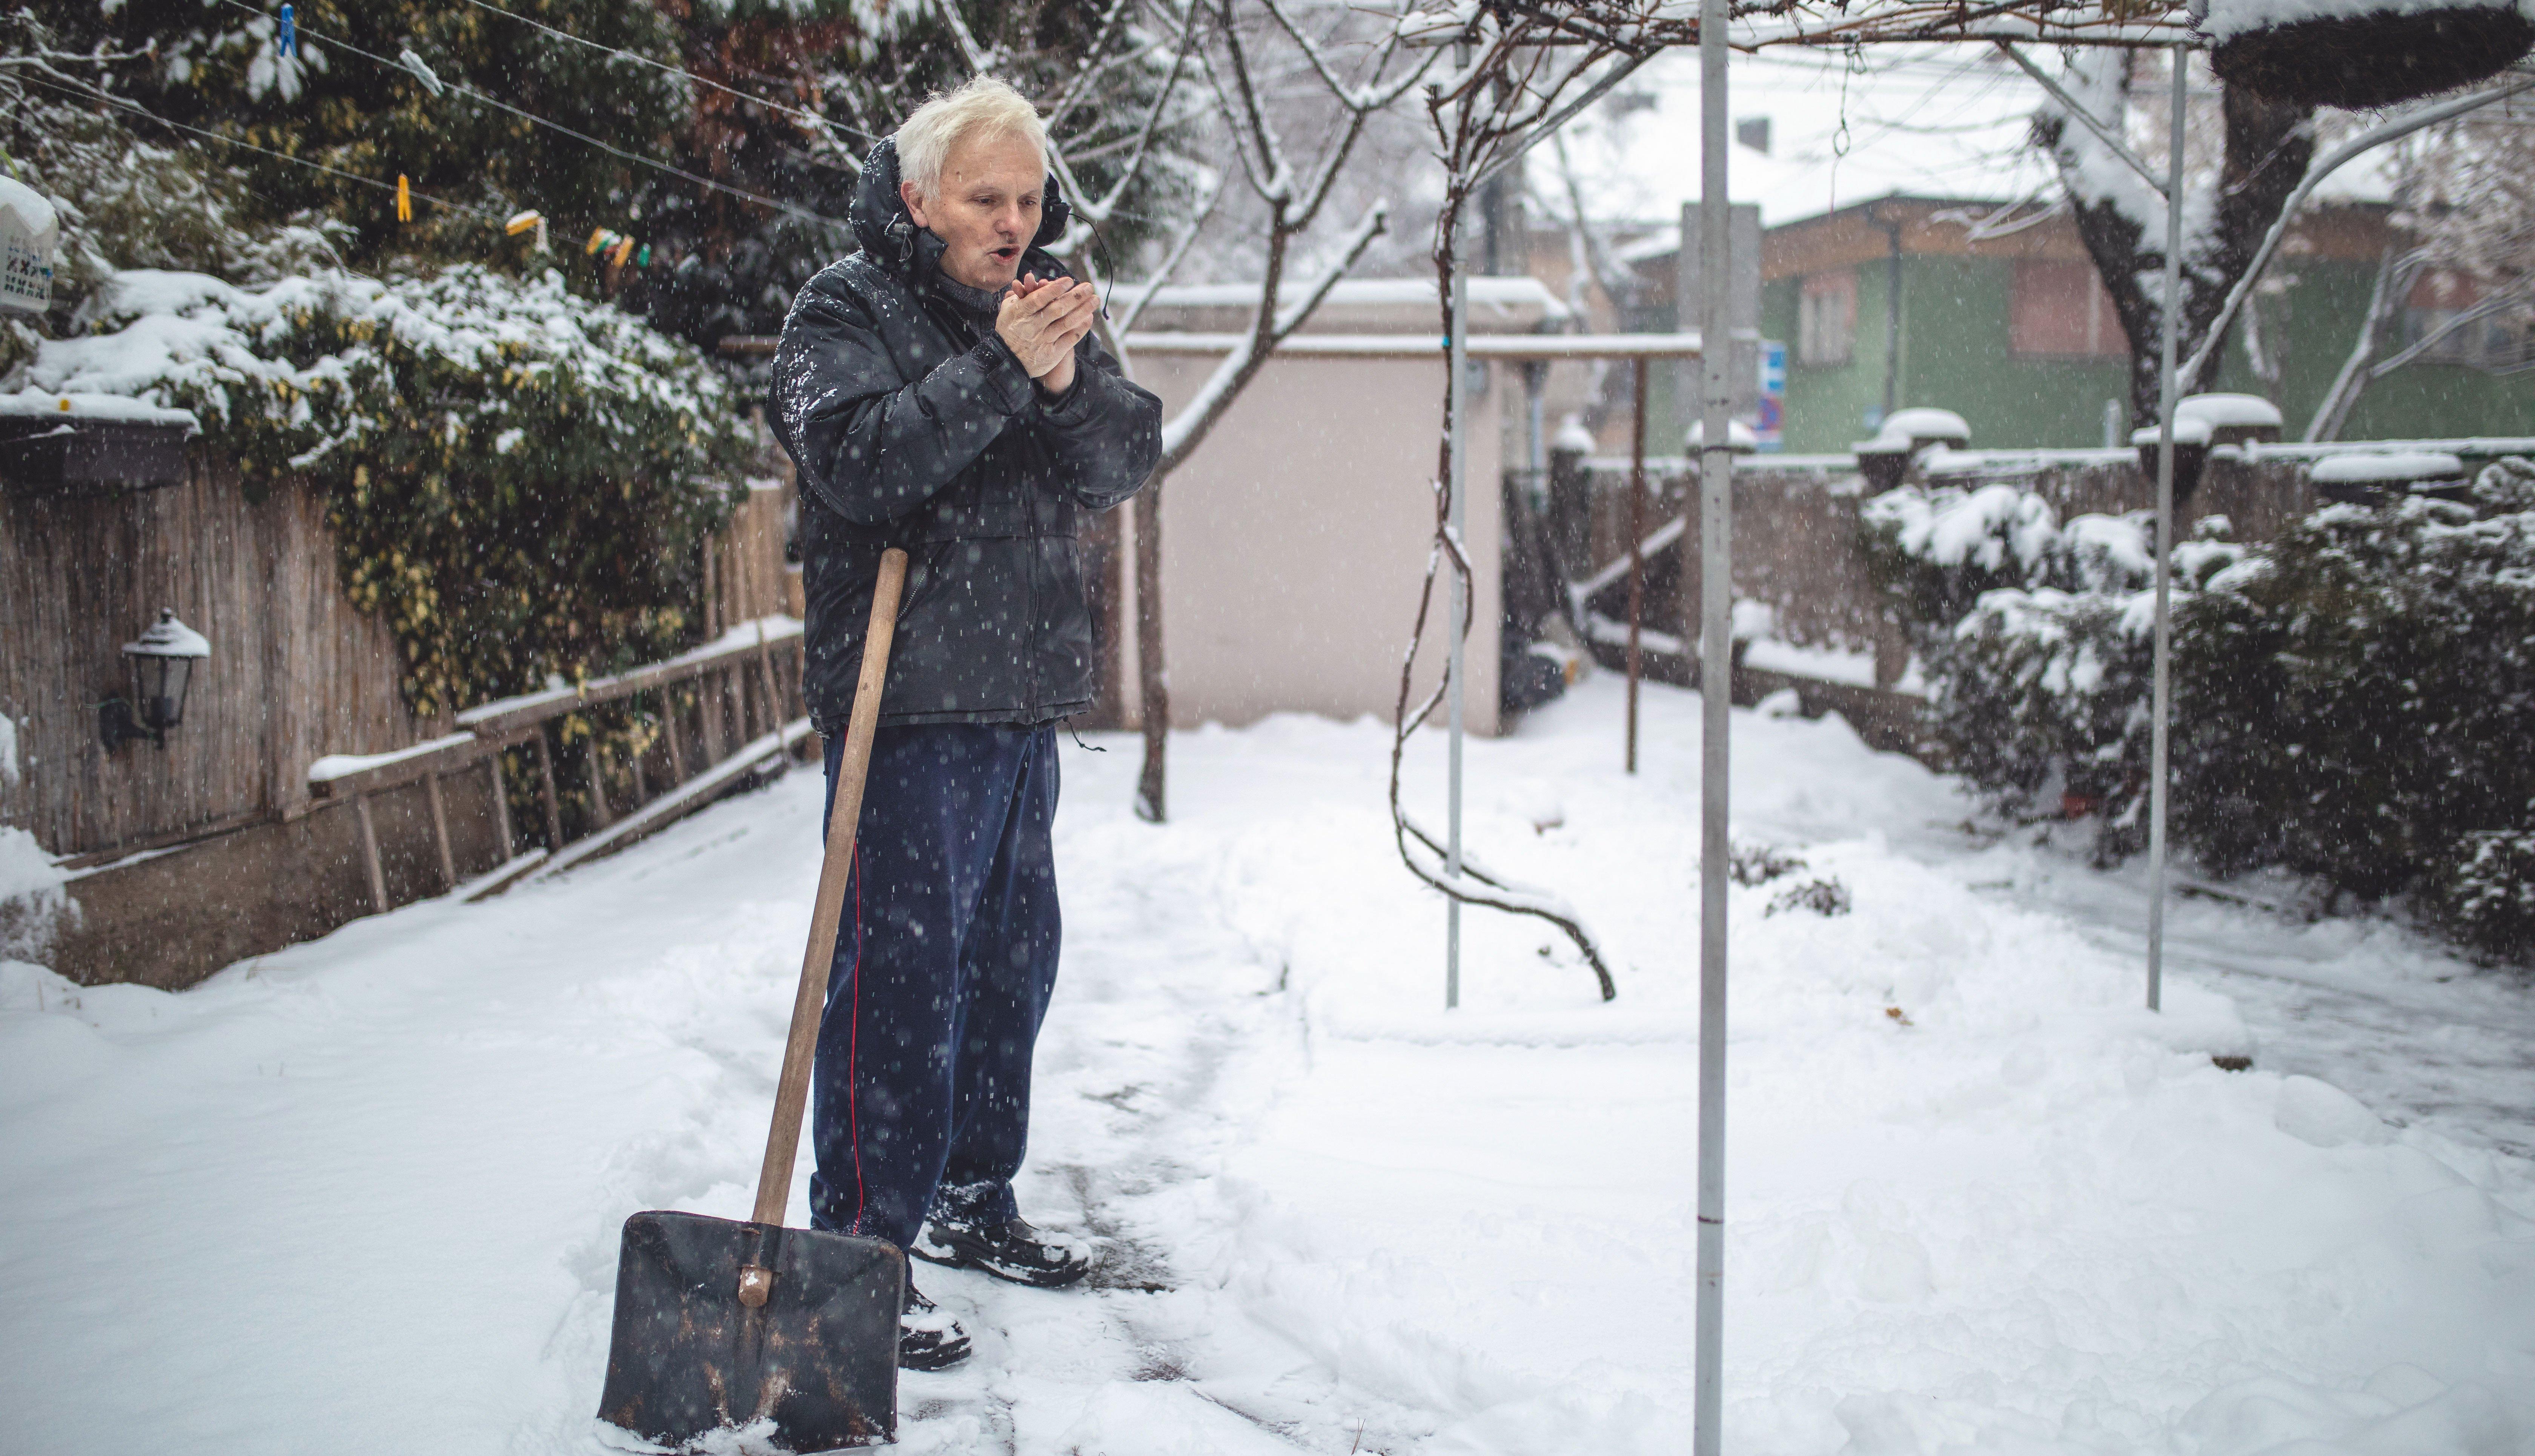 Un hombre adulto mayor saca nieve con una pala